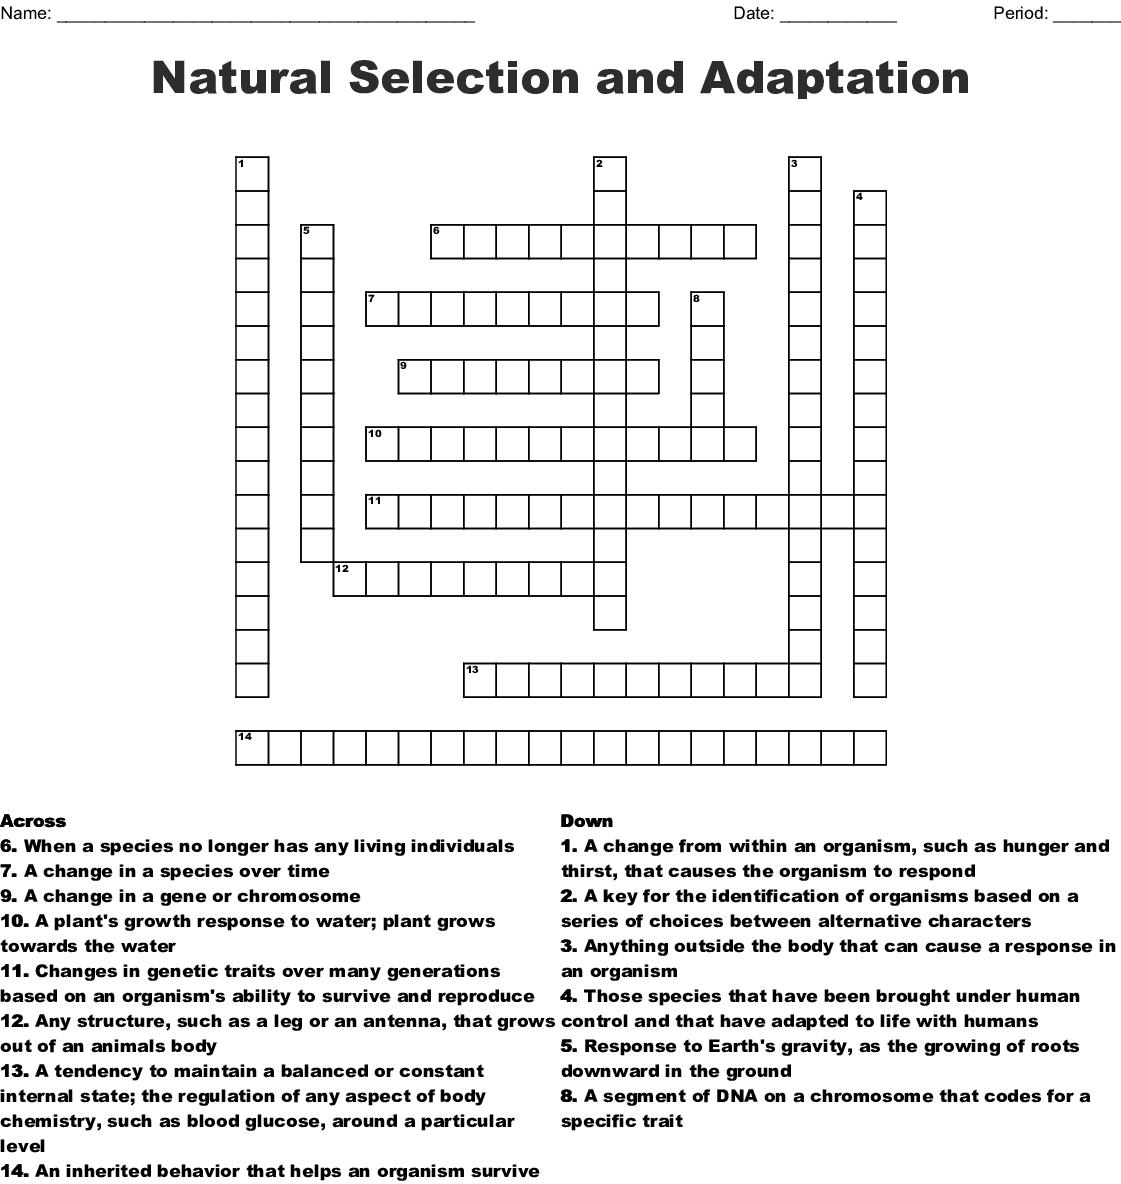 Evolution and Inheritance 1 Crossword - WordMint